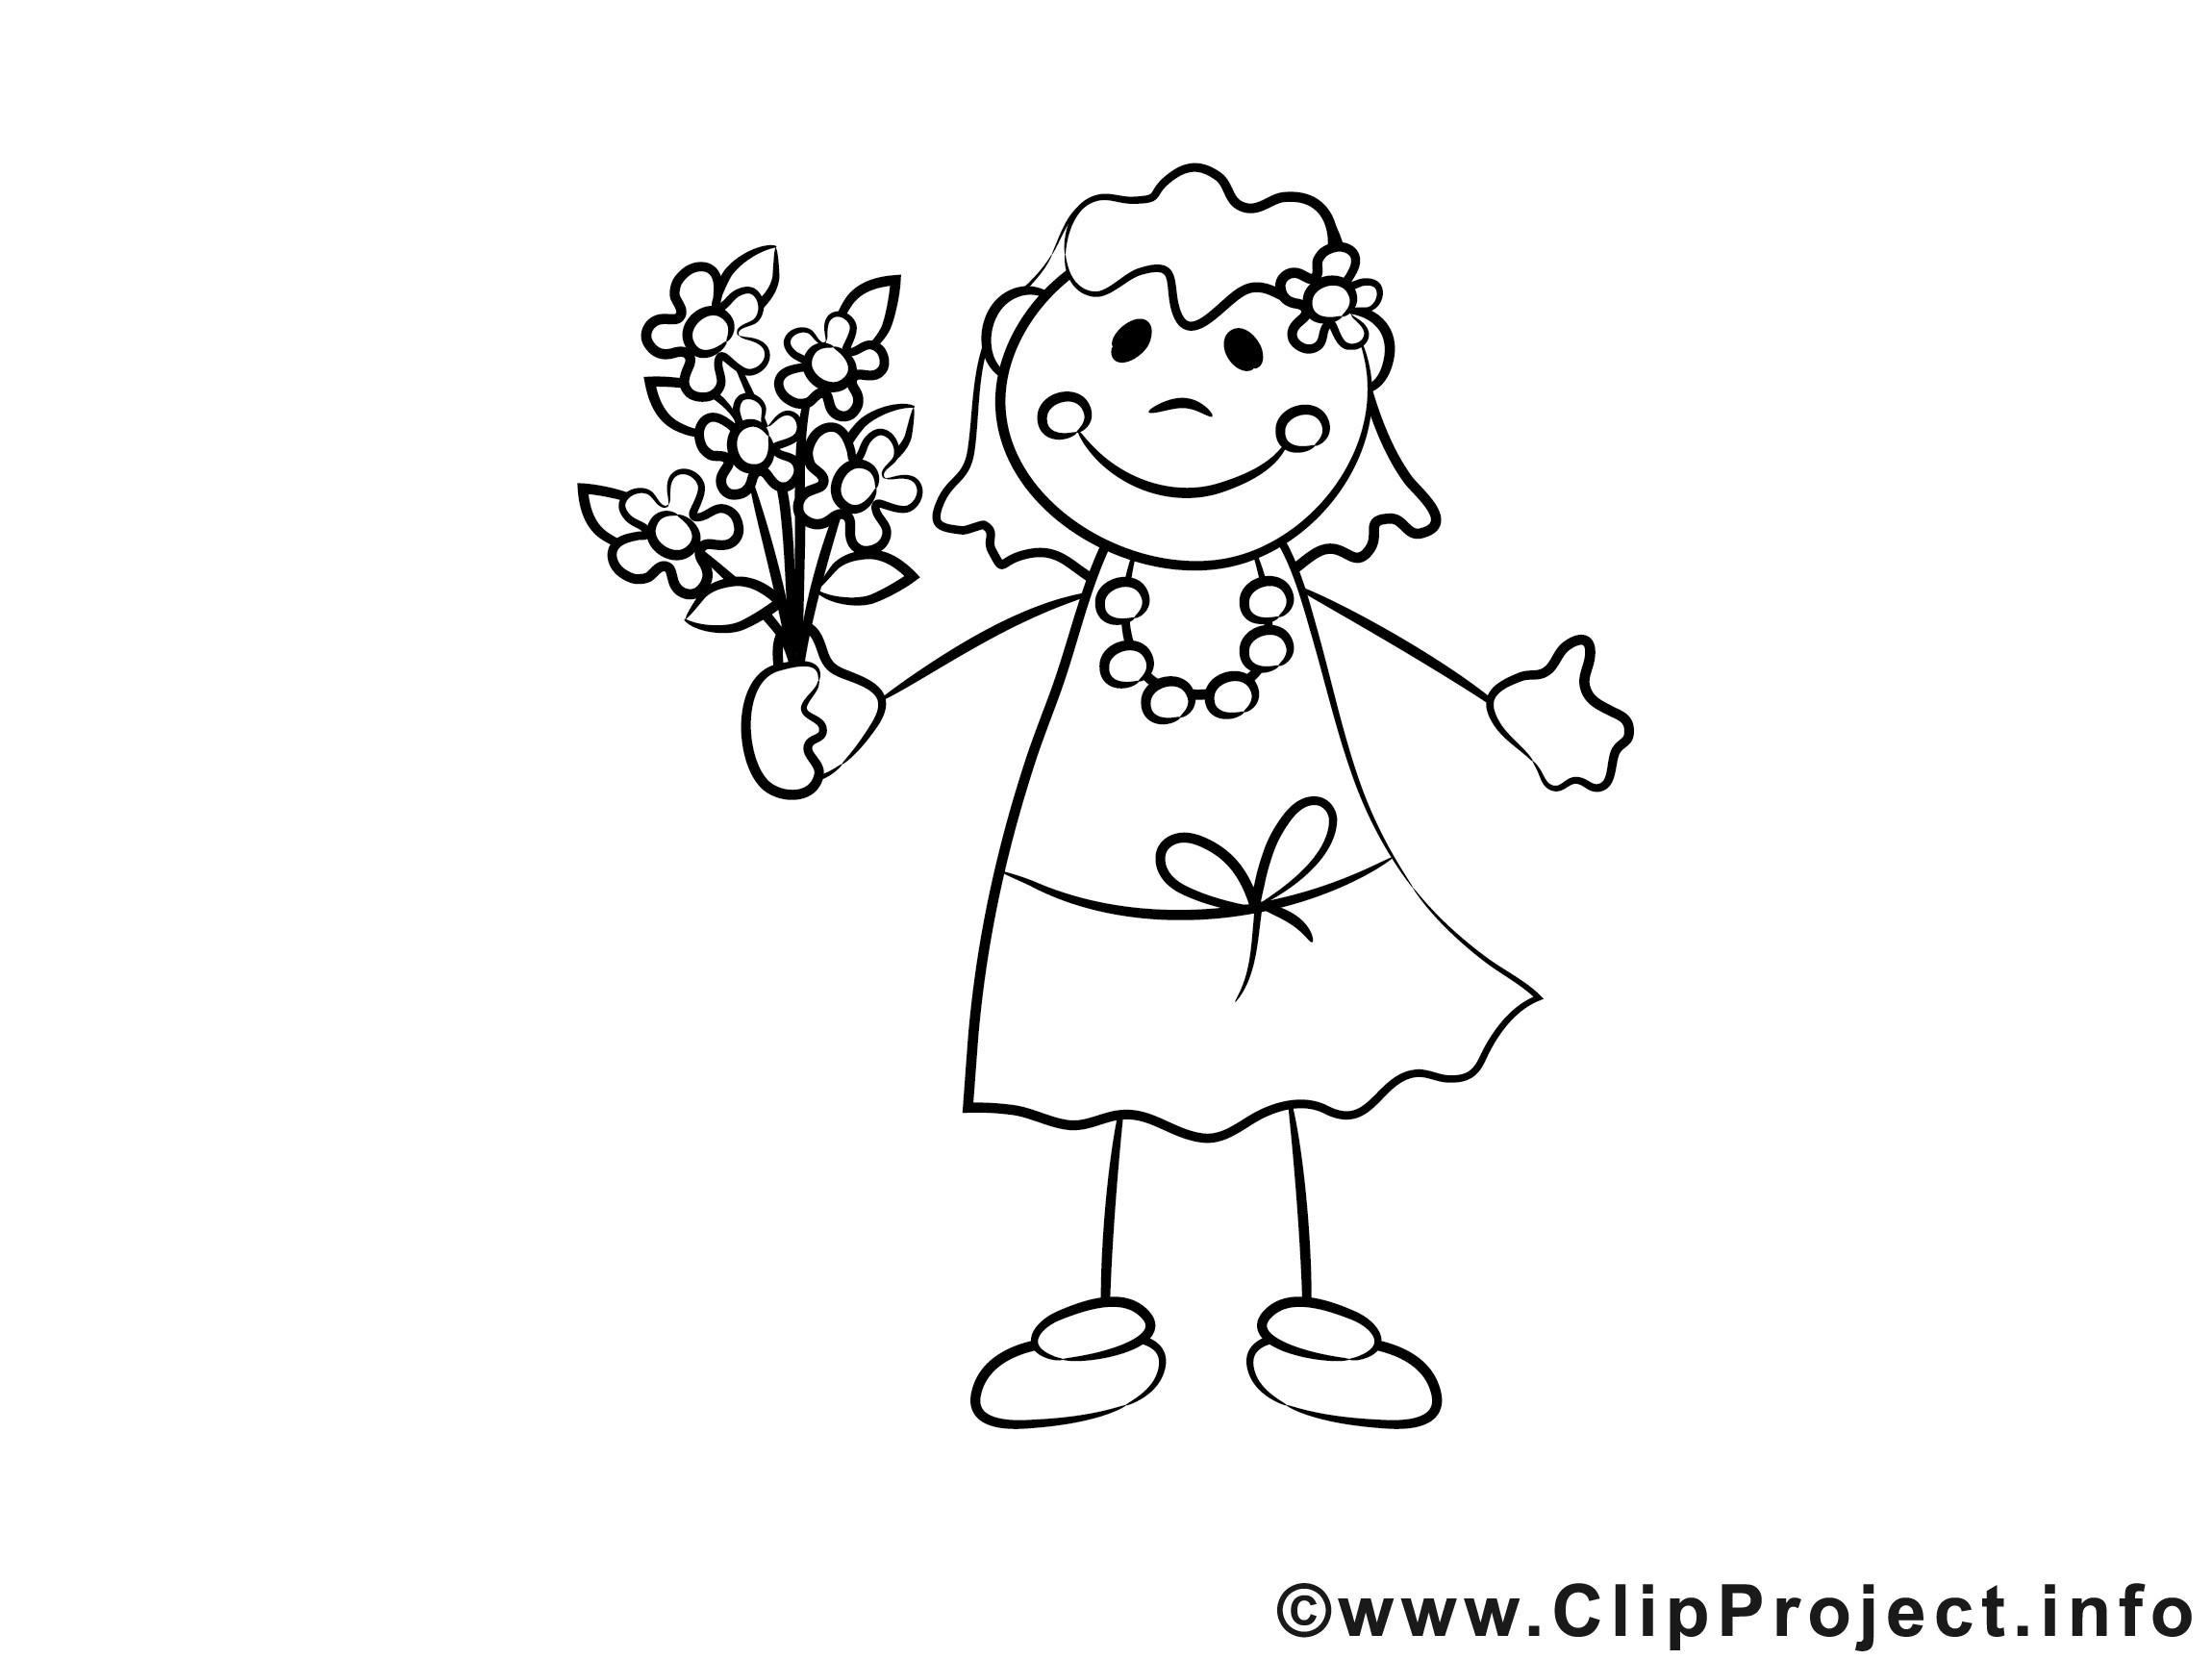 Malvorlagen Für Mädchen  Mädchen mit Blumen Ausmalbild für Kinder kostenlos ausdrucken